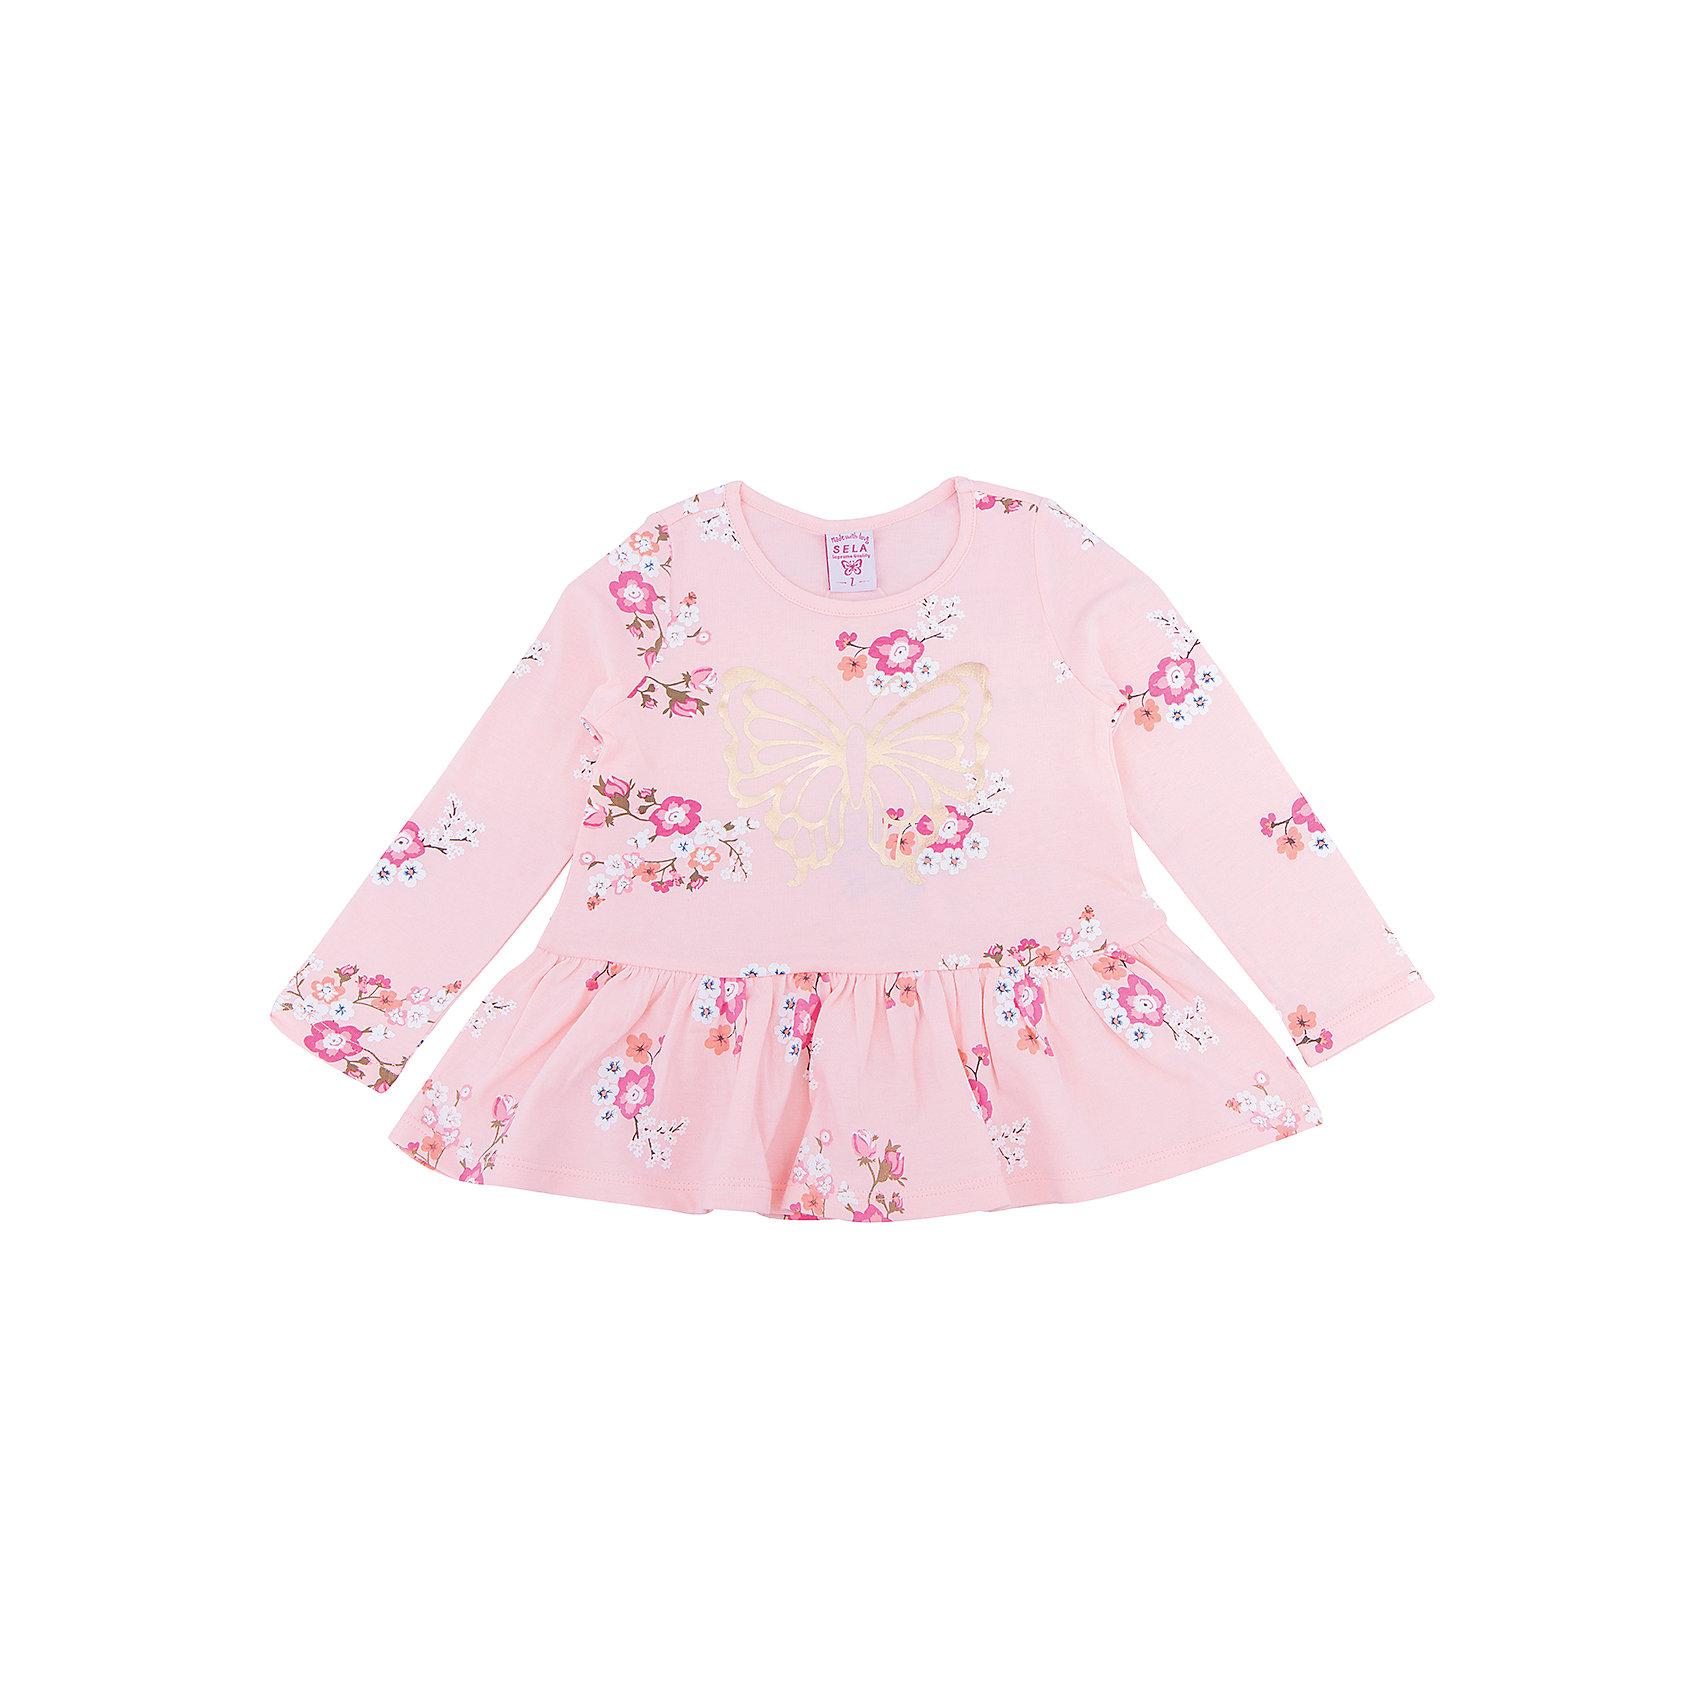 Платье для девочки SELAПлатья и сарафаны<br>Платье с принтом - очень модная вещь. Эта модель отлично сидит на ребенке, она смотрится стильно и нарядно. Приятная на ощупь ткань и качественная фурнитура обеспечивает ребенку комфорт. Модель станет отличной базовой вещью, которая будет уместна в различных сочетаниях.<br>Одежда от бренда Sela (Села) - это качество по приемлемым ценам. Многие российские родители уже оценили преимущества продукции этой компании и всё чаще приобретают одежду и аксессуары Sela.<br><br>Дополнительная информация:<br><br>цвет: розовый;<br>материал: 100% хлопок;<br>с принтом;<br>длинный рукав.<br><br>Платье для девочки от бренда Sela можно купить в нашем интернет-магазине.<br><br>Ширина мм: 236<br>Глубина мм: 16<br>Высота мм: 184<br>Вес г: 177<br>Цвет: розовый<br>Возраст от месяцев: 24<br>Возраст до месяцев: 36<br>Пол: Женский<br>Возраст: Детский<br>Размер: 98,116,92,104,110<br>SKU: 5020395